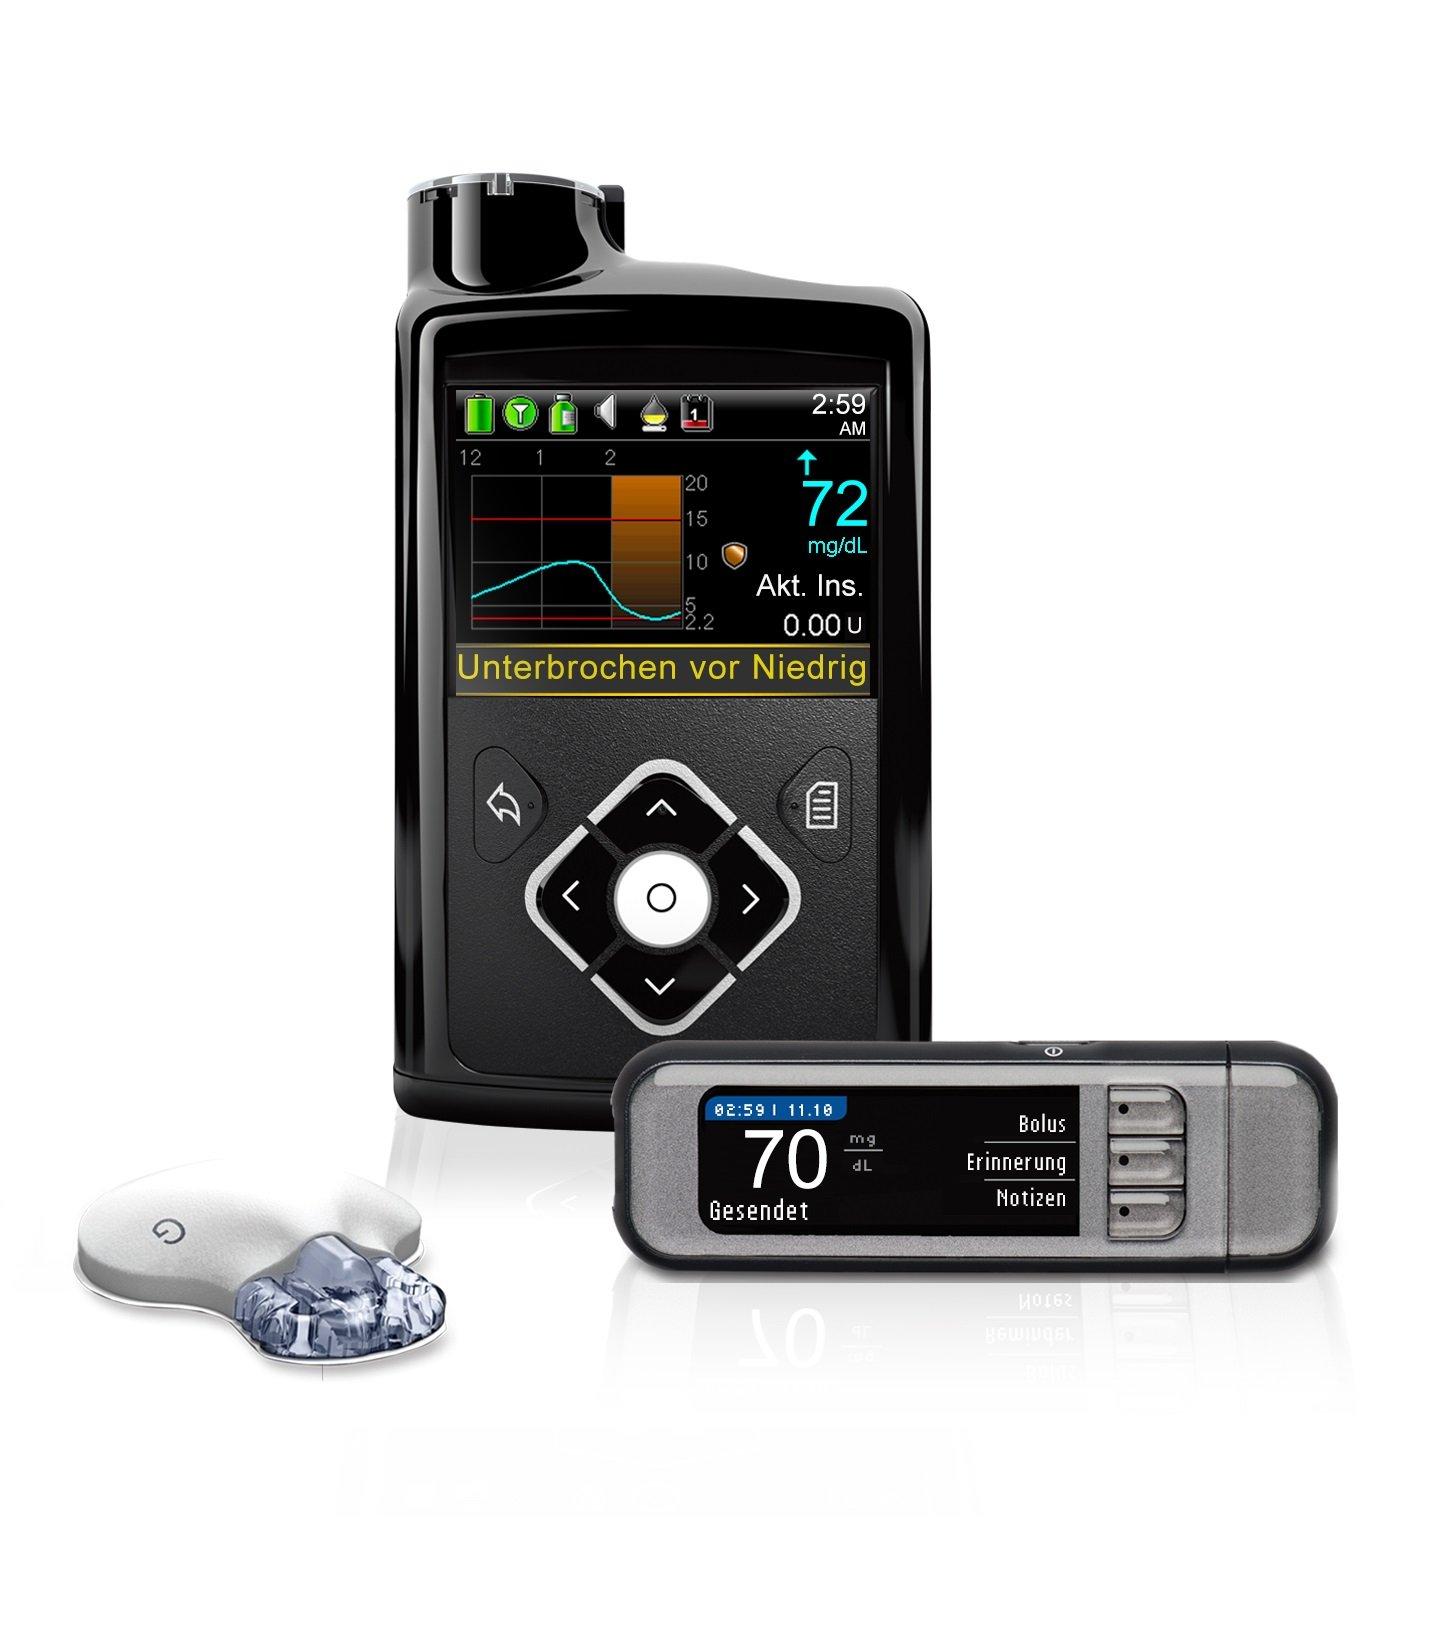 التكنولوجيا الحديثة أحدثت ثورة في طرق علاج مرض السكري